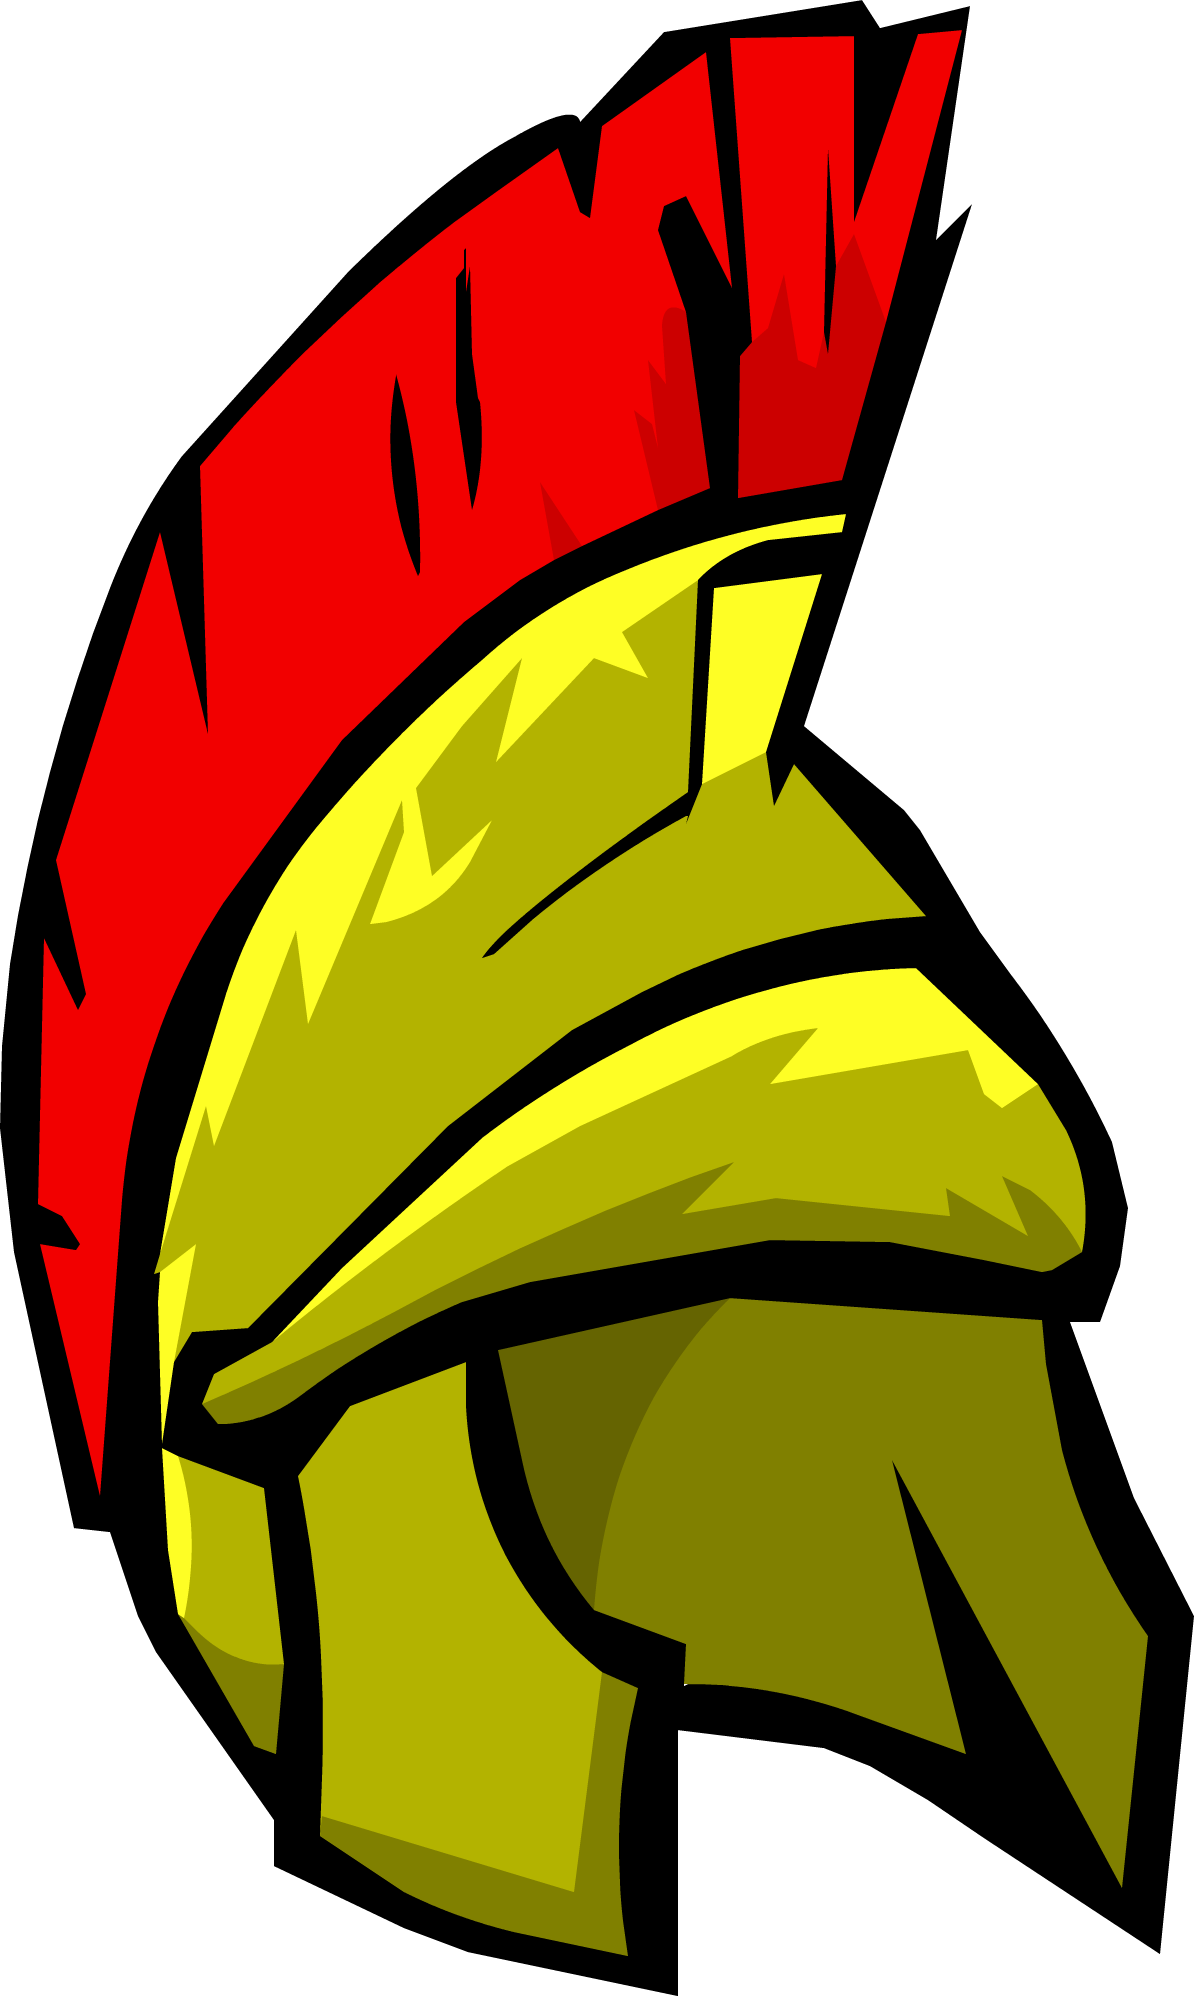 Roman helmet png. Image club penguin rewritten